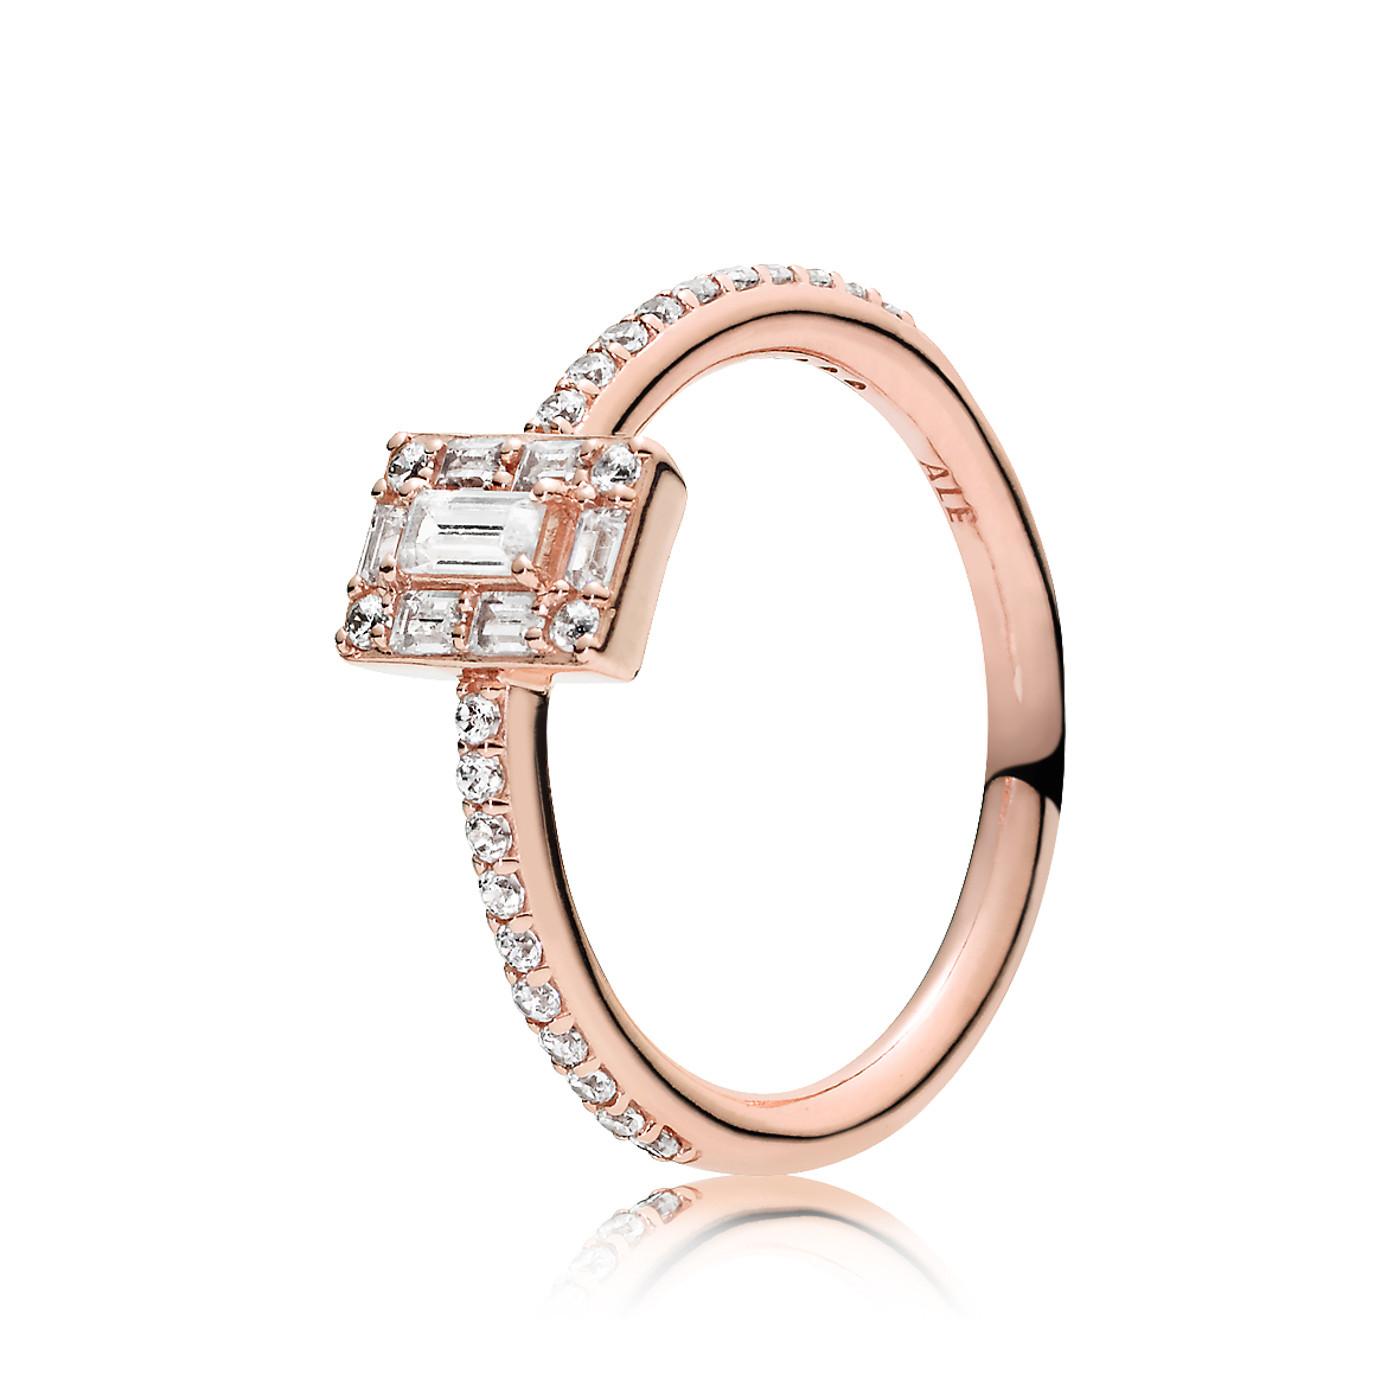 Pandora 925 Sterling Zilveren Ice Cube Roségoudkleurige Ring 187541CZ